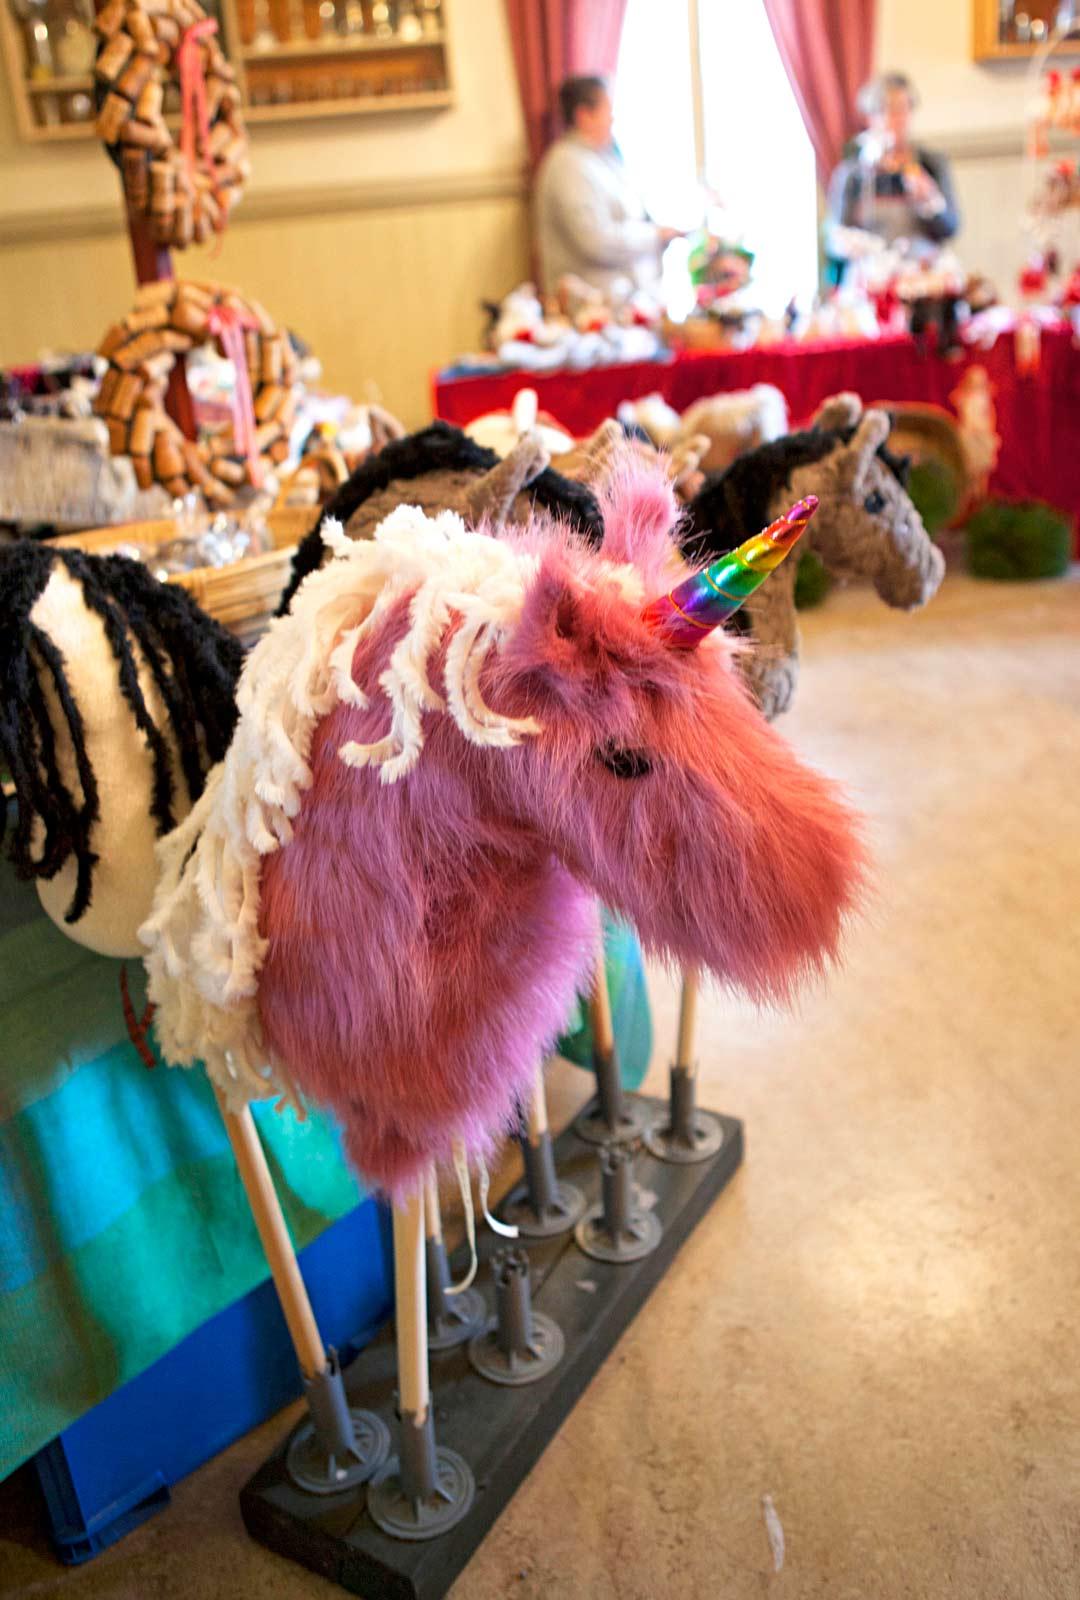 Joulumyyjäisissä tehdään lahja- ja herkkulöytöjä.